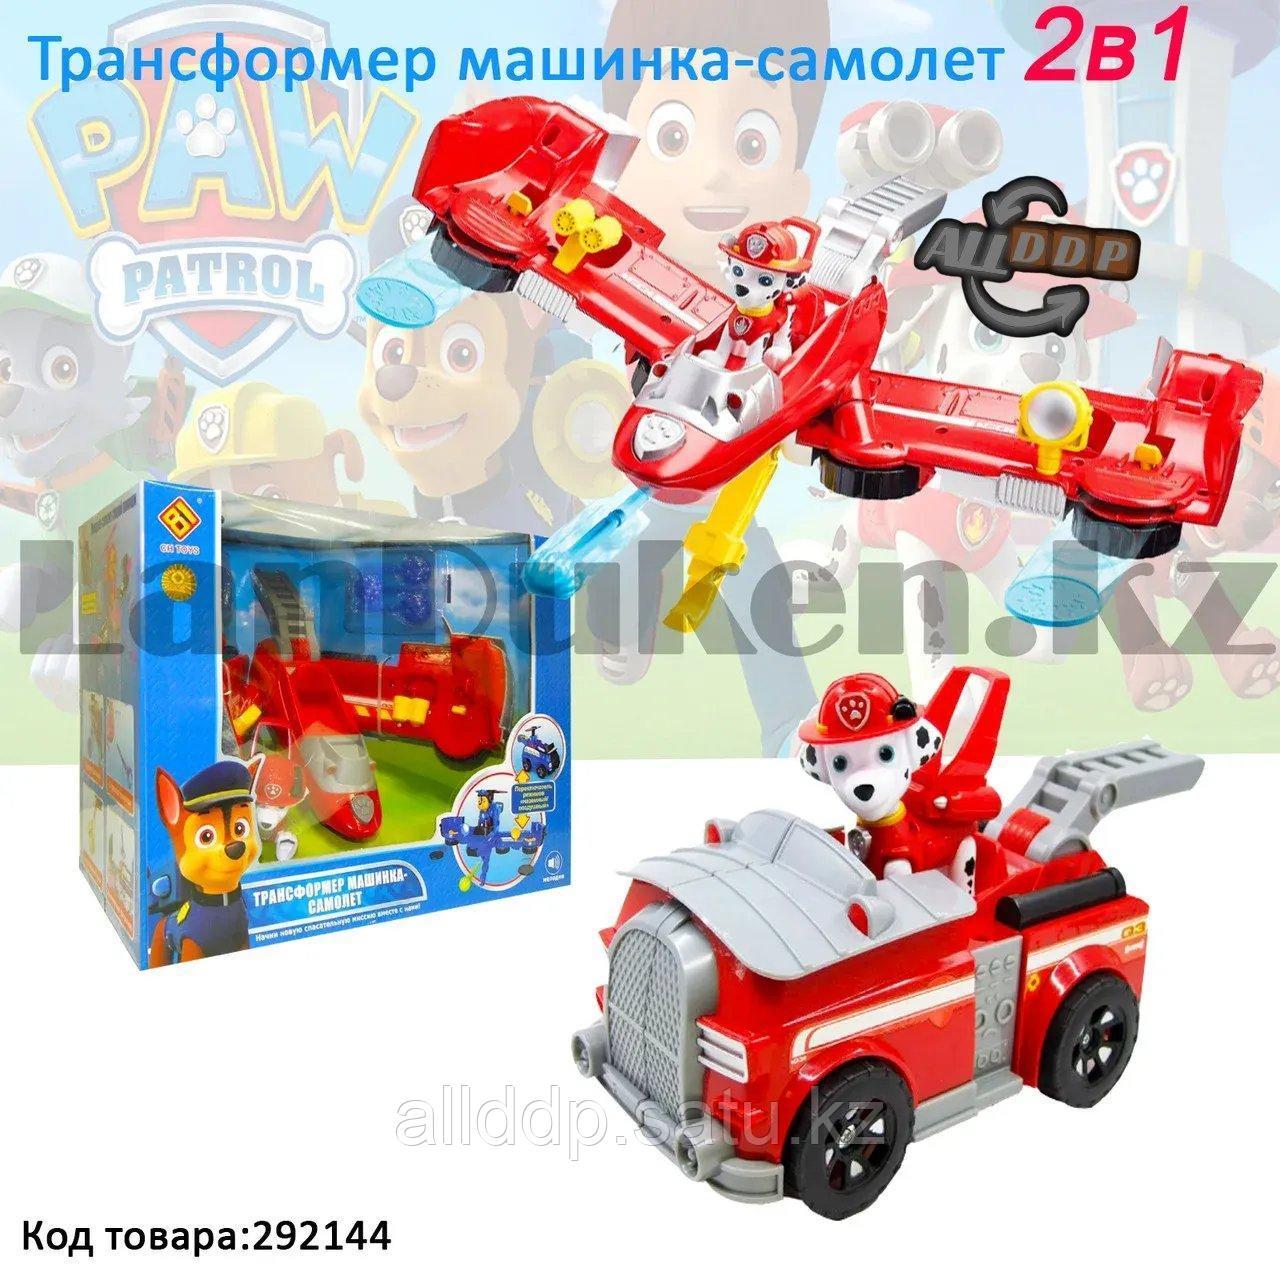 Игровой набор Щенячий Патруль Маршалл и пожарная машина трансформер 2в1 с боевыми снарядами CH-506 Paw Patrol